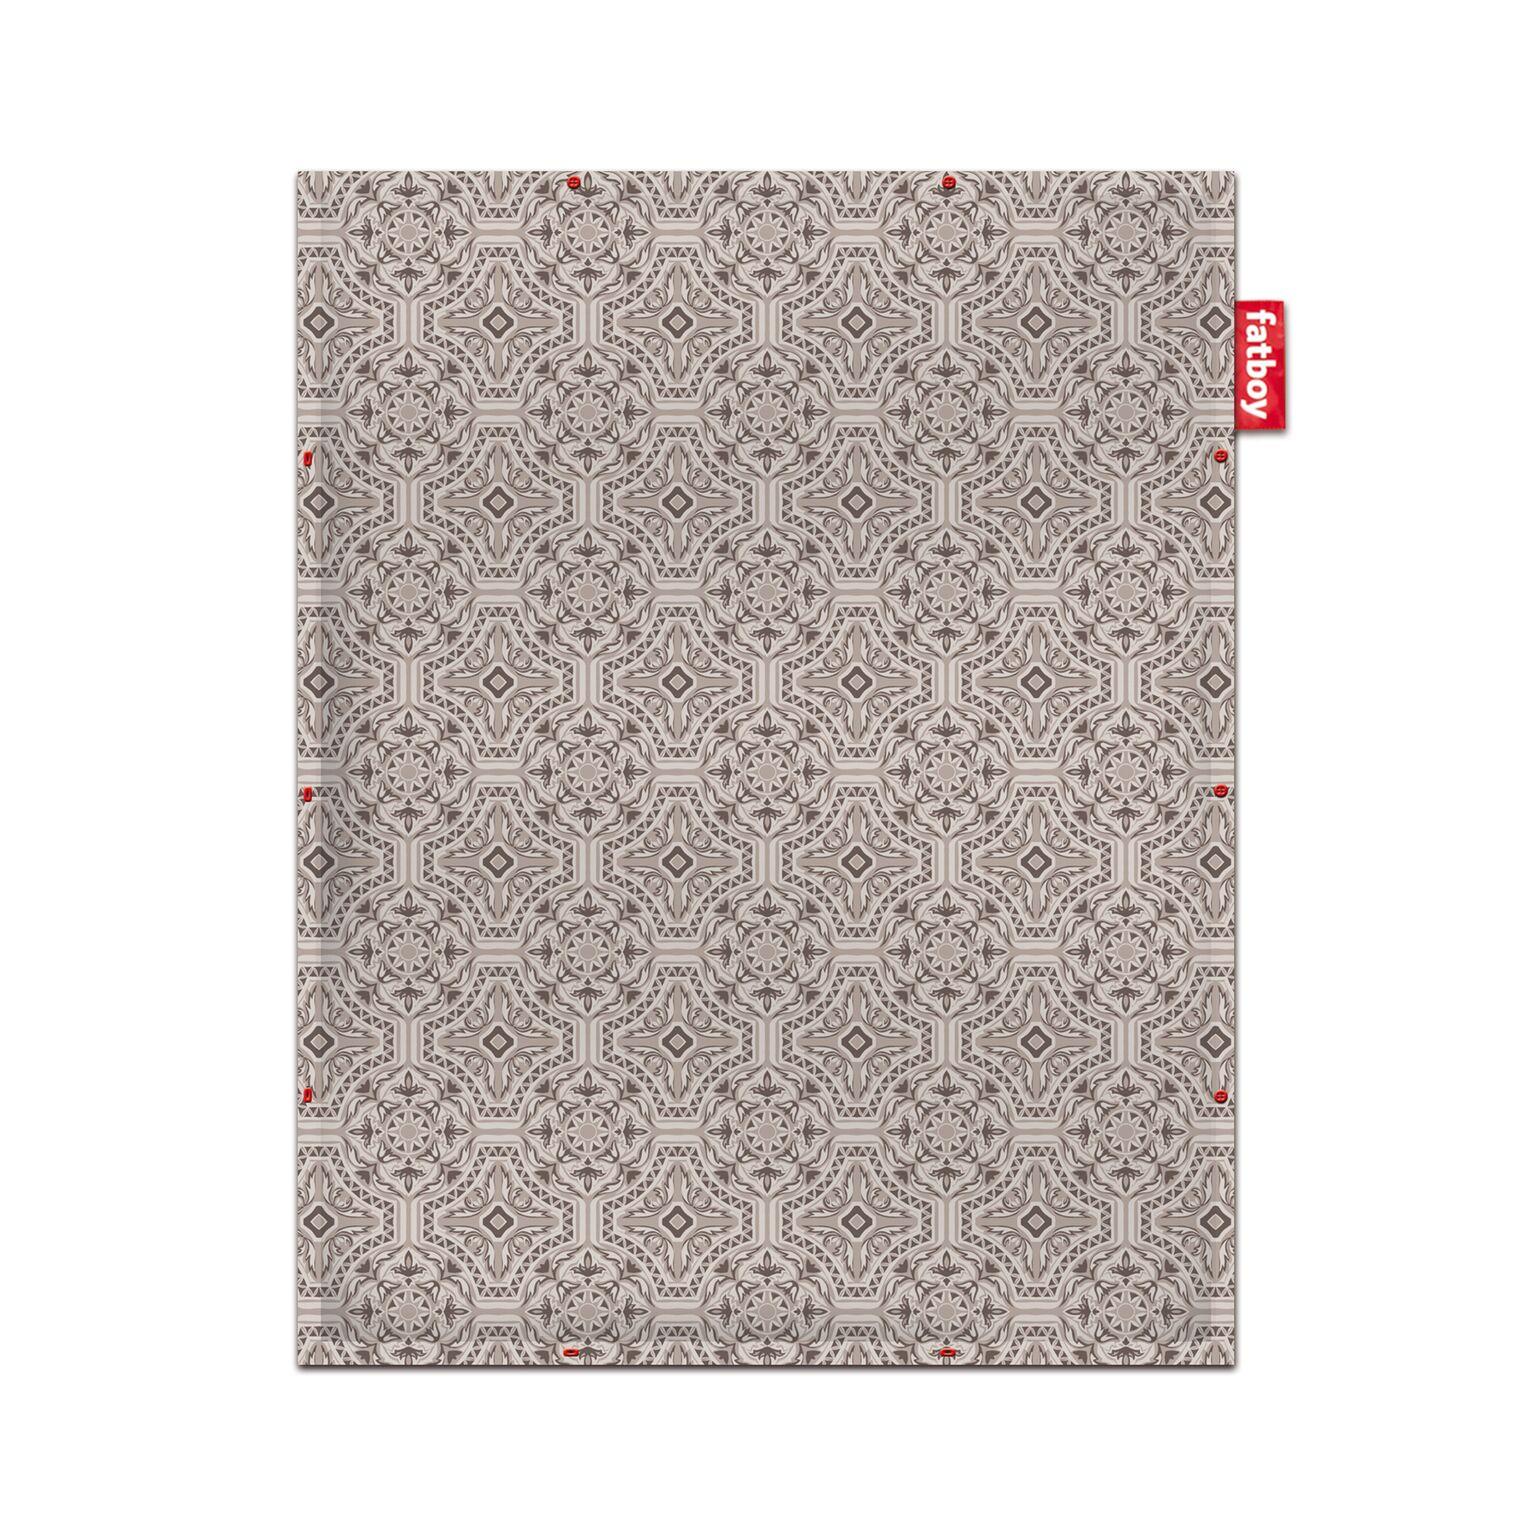 Flying Carpet 2_Taupe.jpg